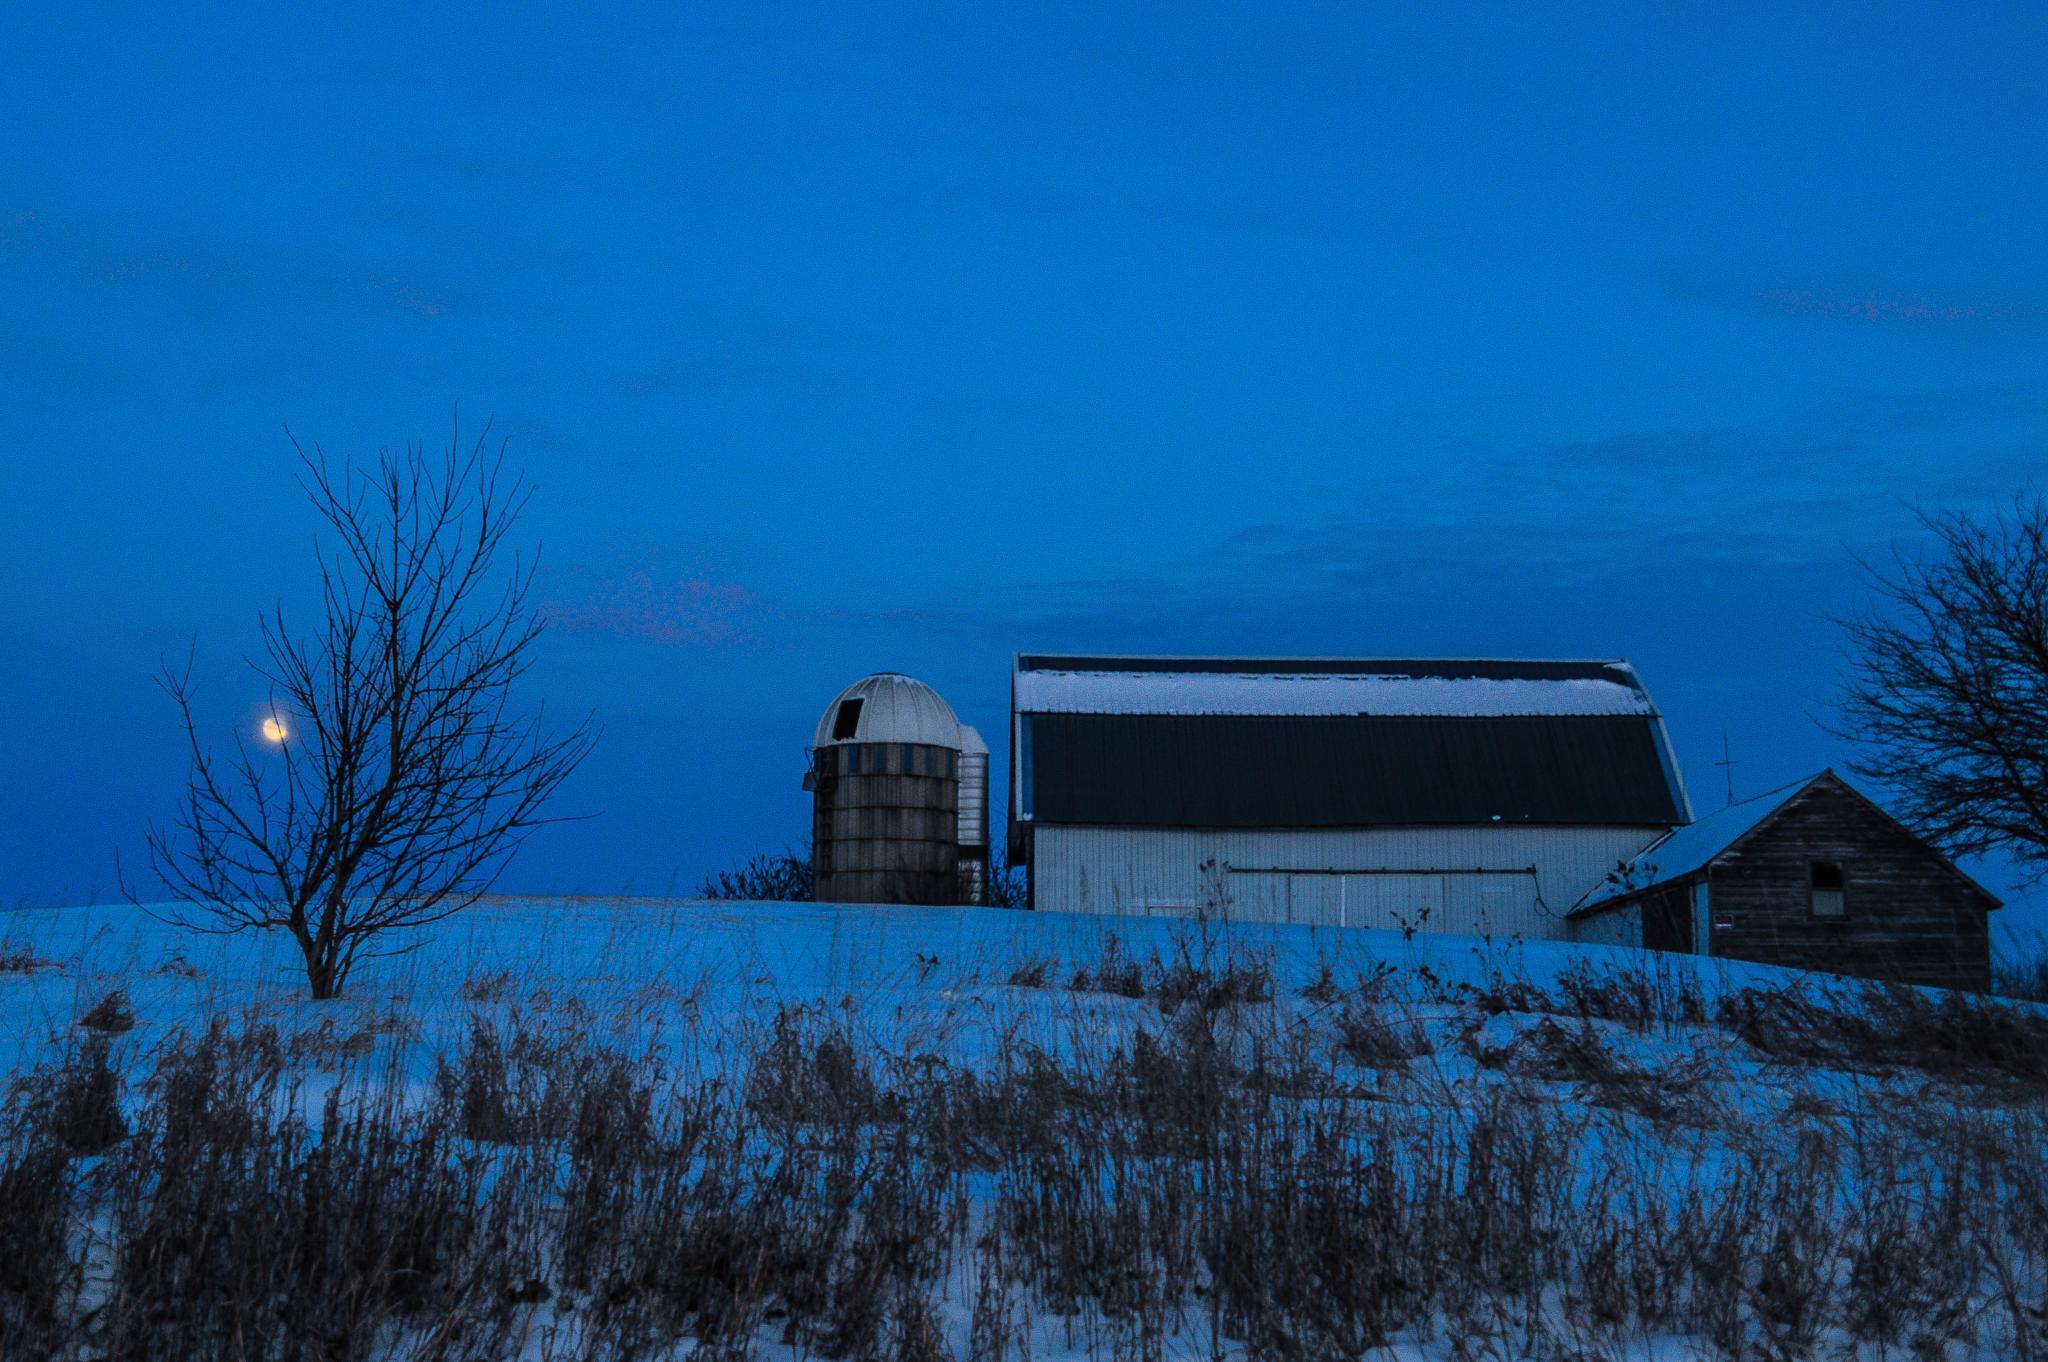 winter dusk over a farm by jason.lockhart.9